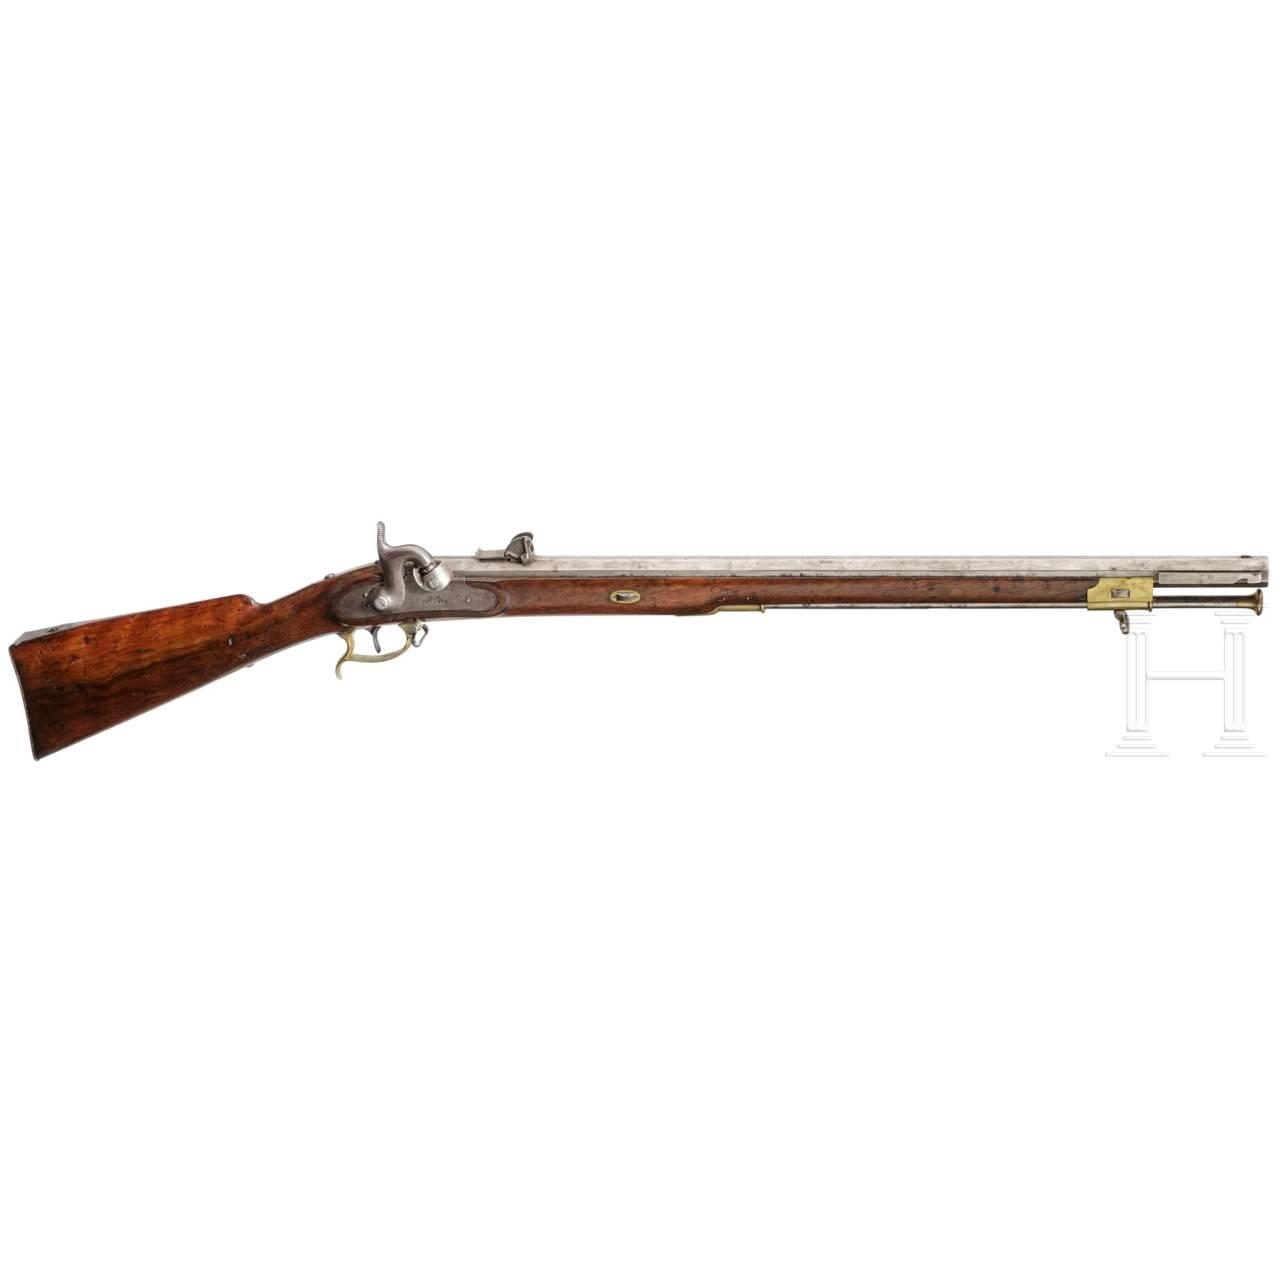 A model 1845/55 sniper rifle